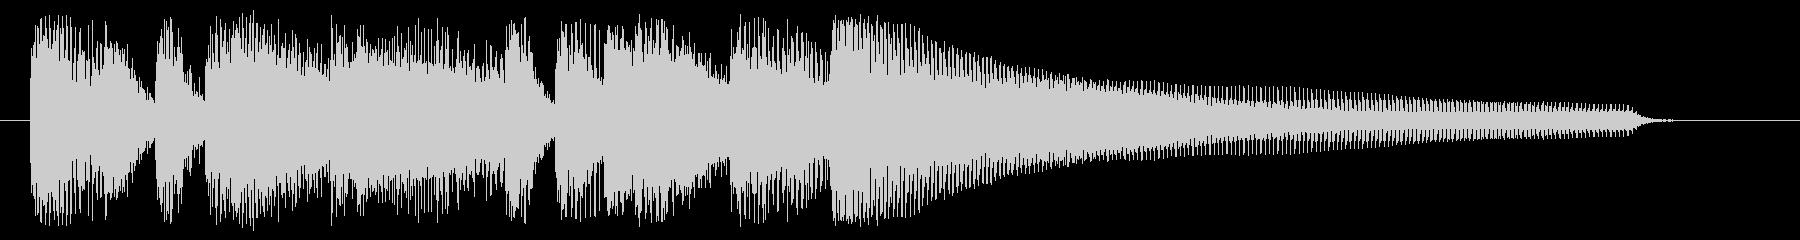 ミステリアスなピアノのジングルの未再生の波形